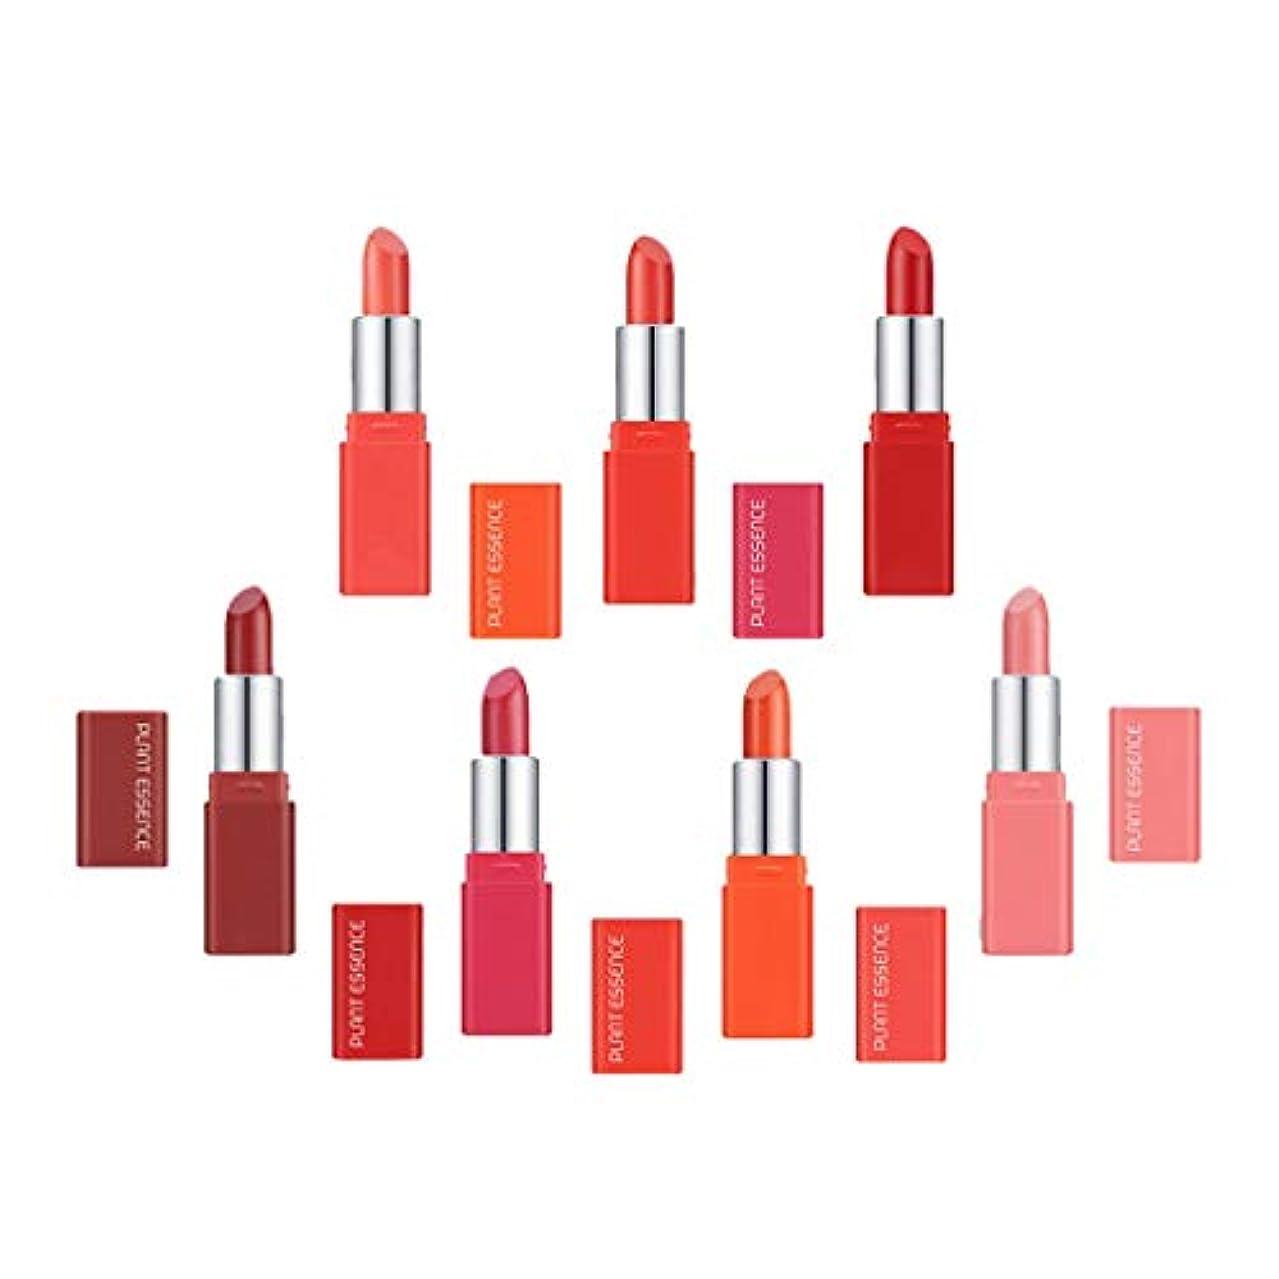 ベテラン制限イノセンスCUTICATE リップライナー セット 口紅 赤 リップグロス シャイニーピンク メイクアップ 唇メイク 用品 7色セット